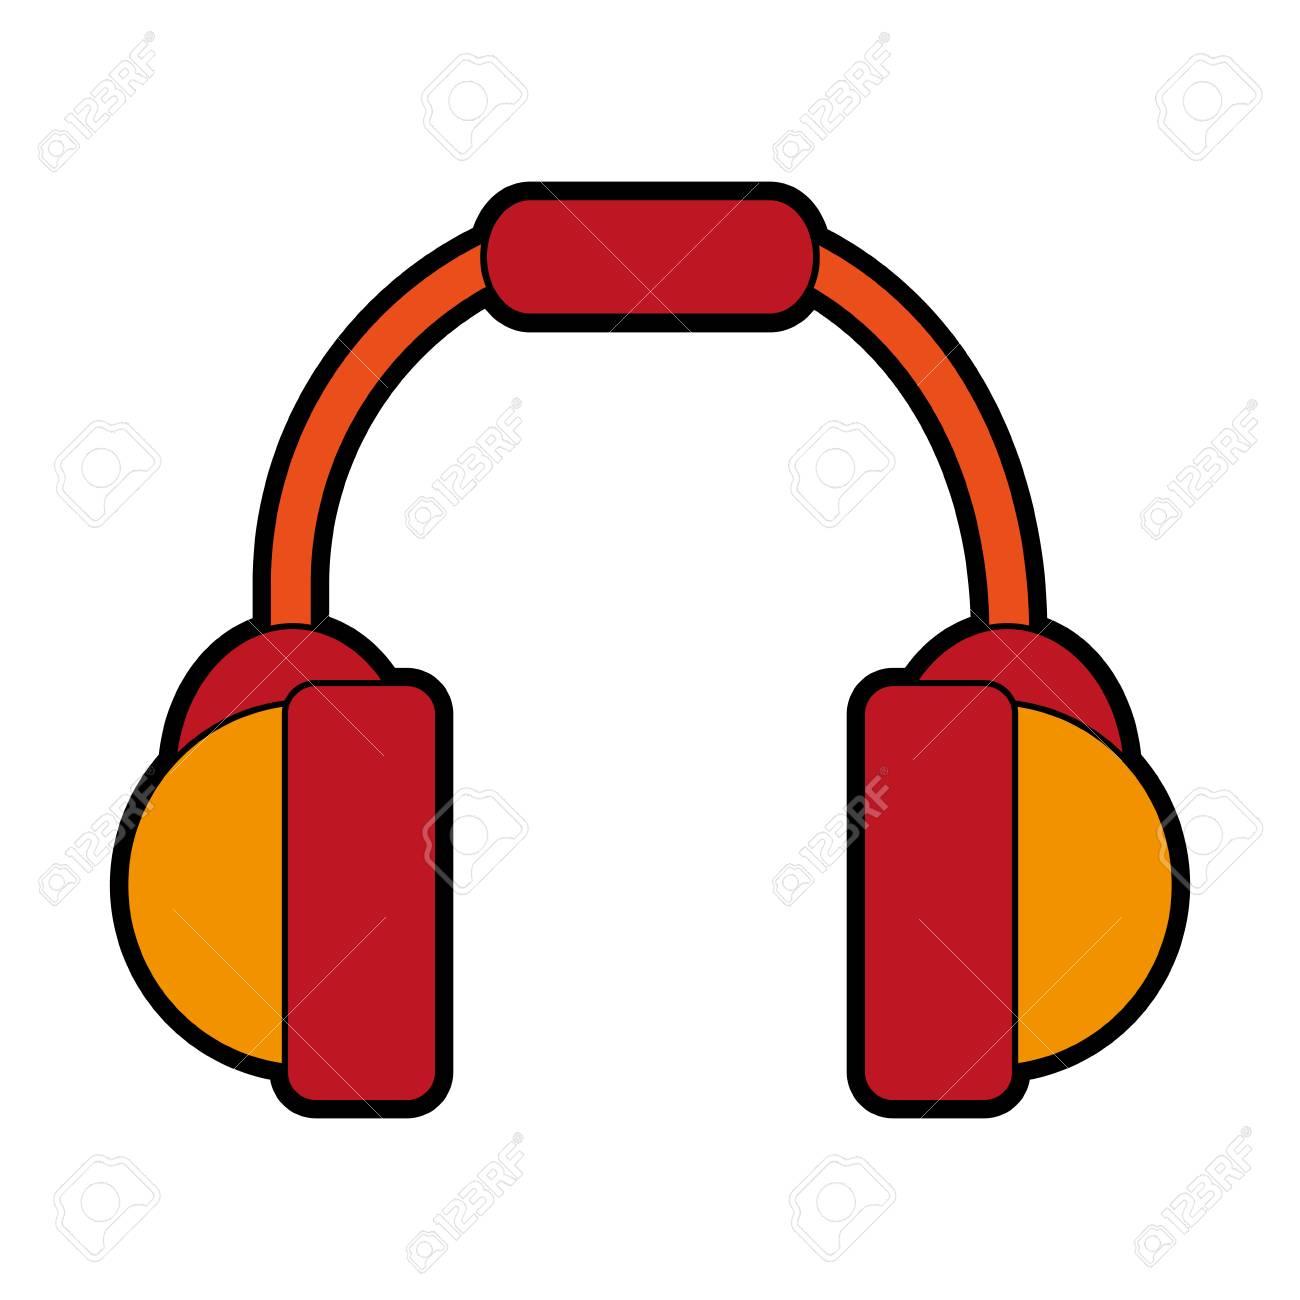 Kopfhörer Isoliert Symbolbild Vektor Illustration Design Lizenzfrei ...